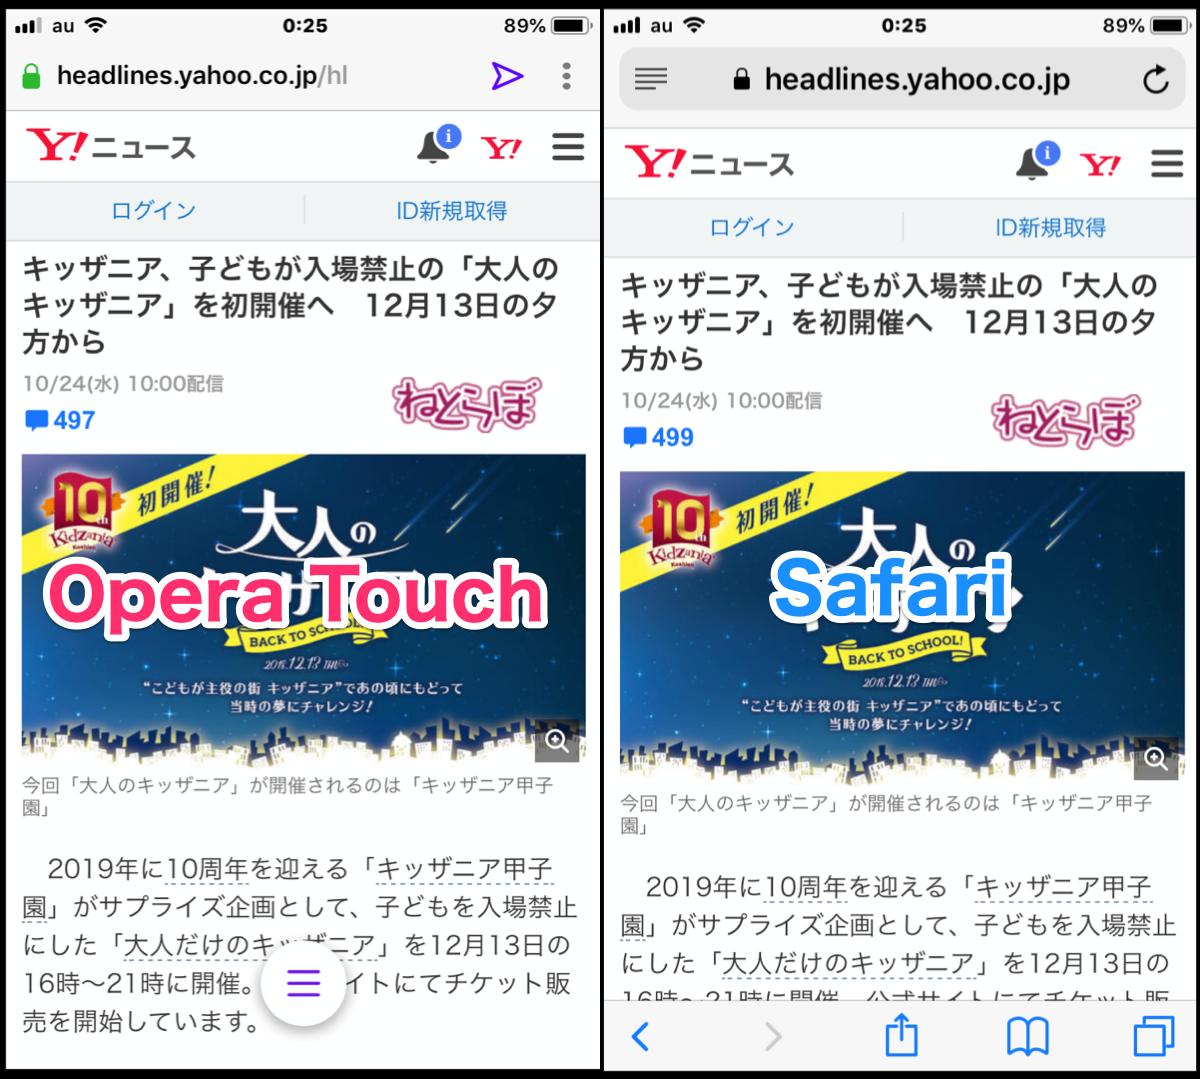 Opera TouchとSafariの全画面表示比較 - 4